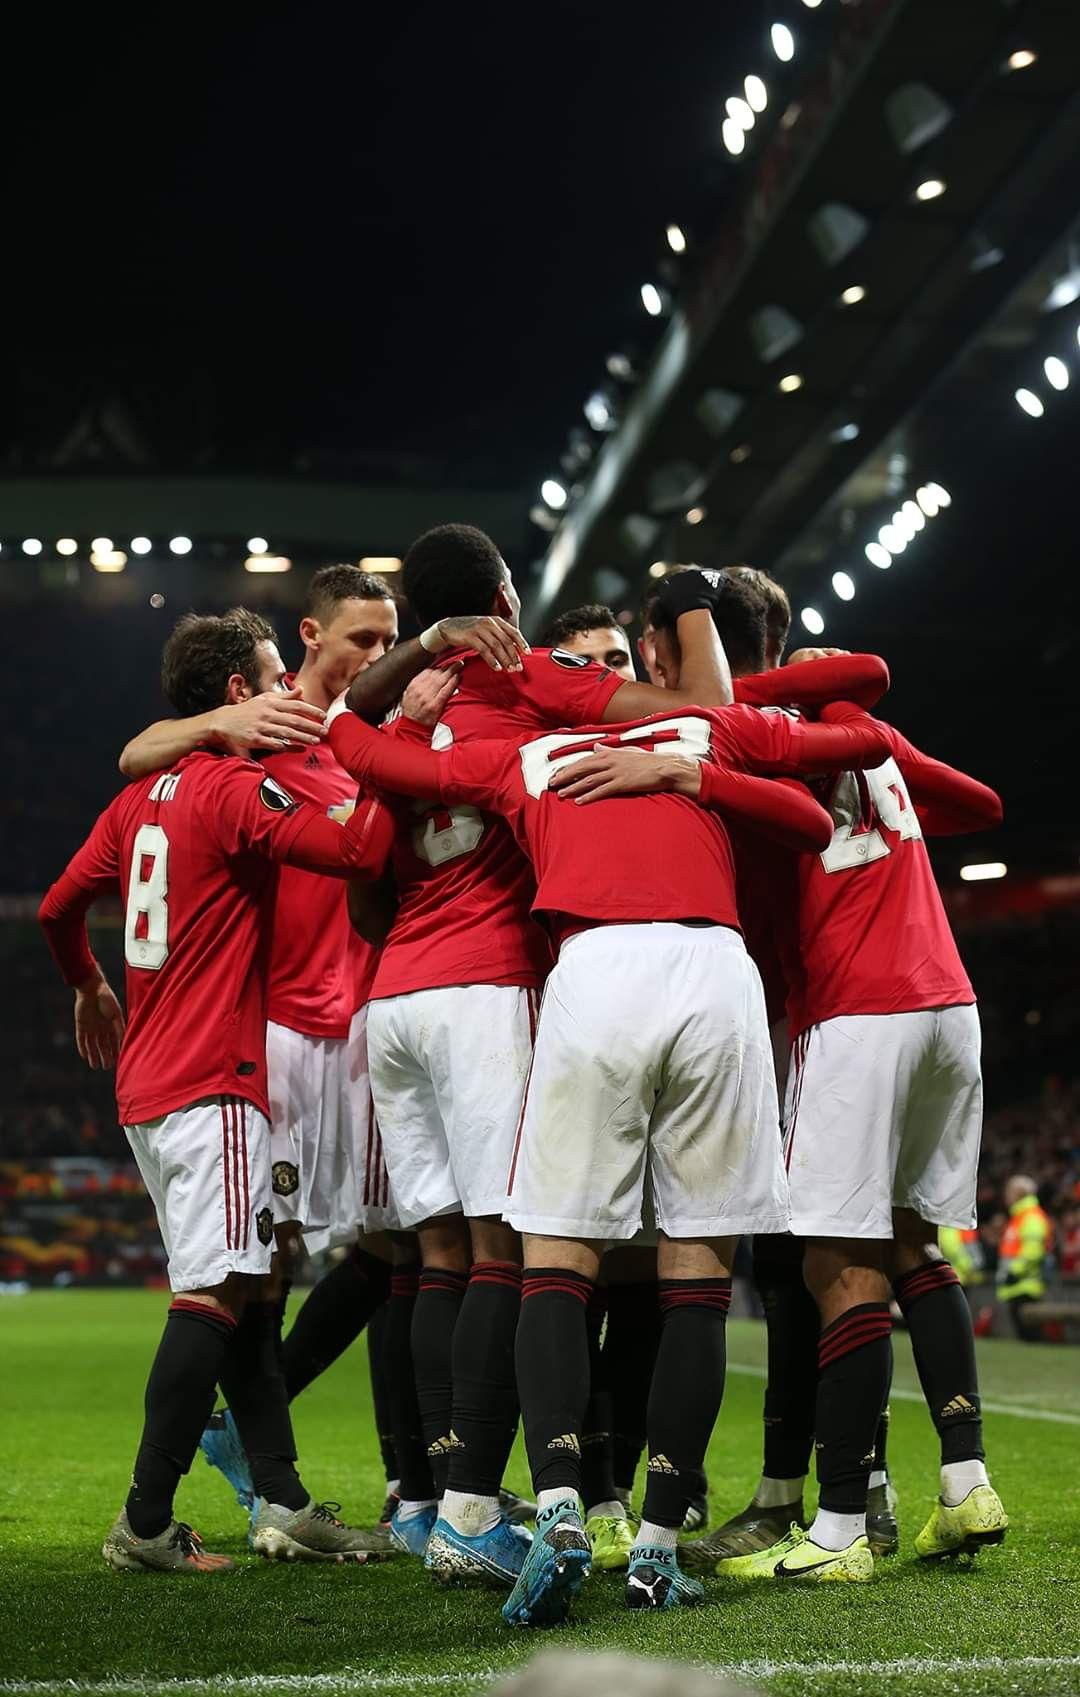 ปักพินโดย Red Devils ใน Manchester United season 2019/20